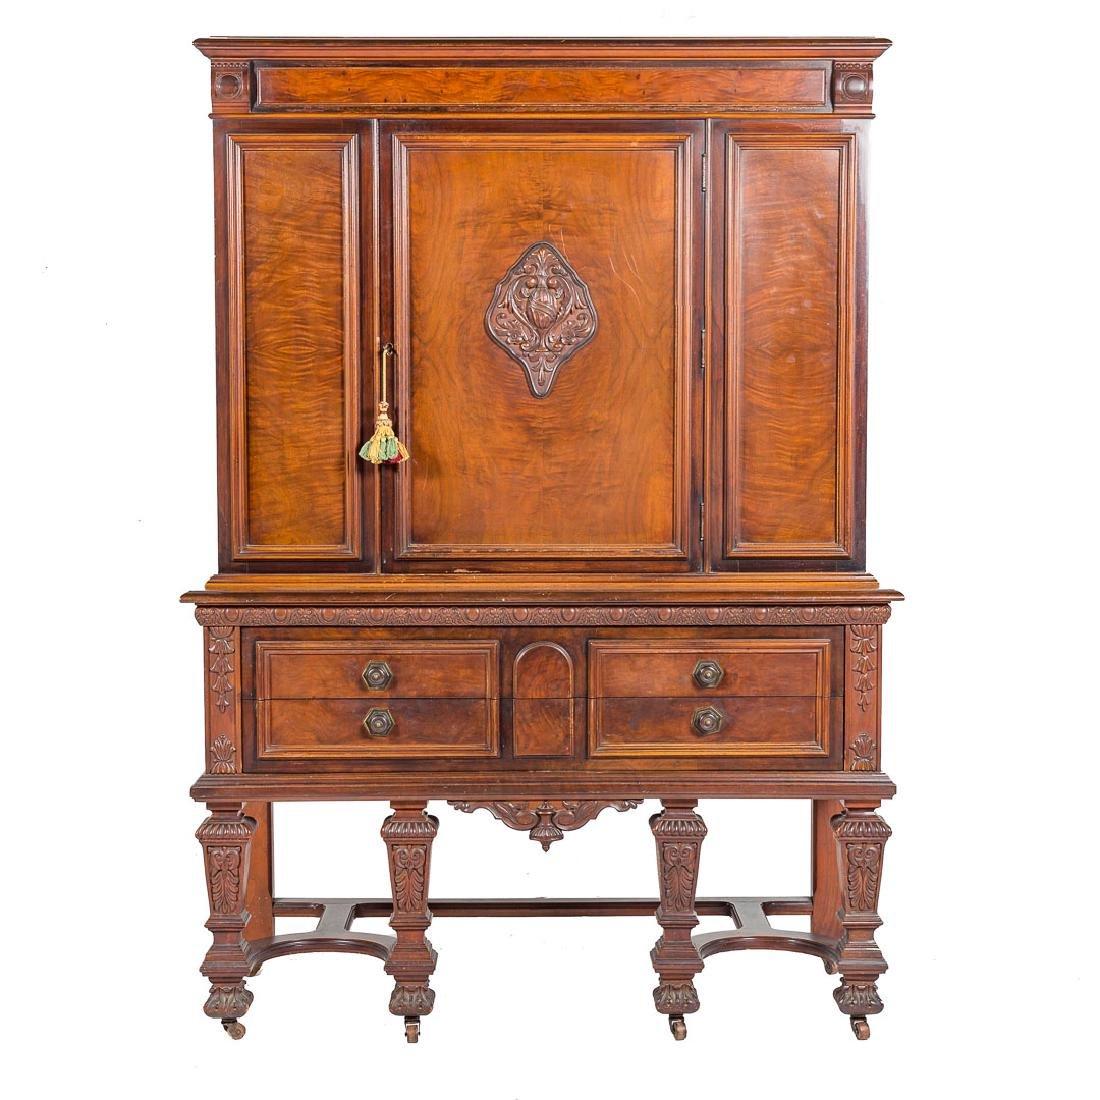 Louis XIV style walnut cabinet